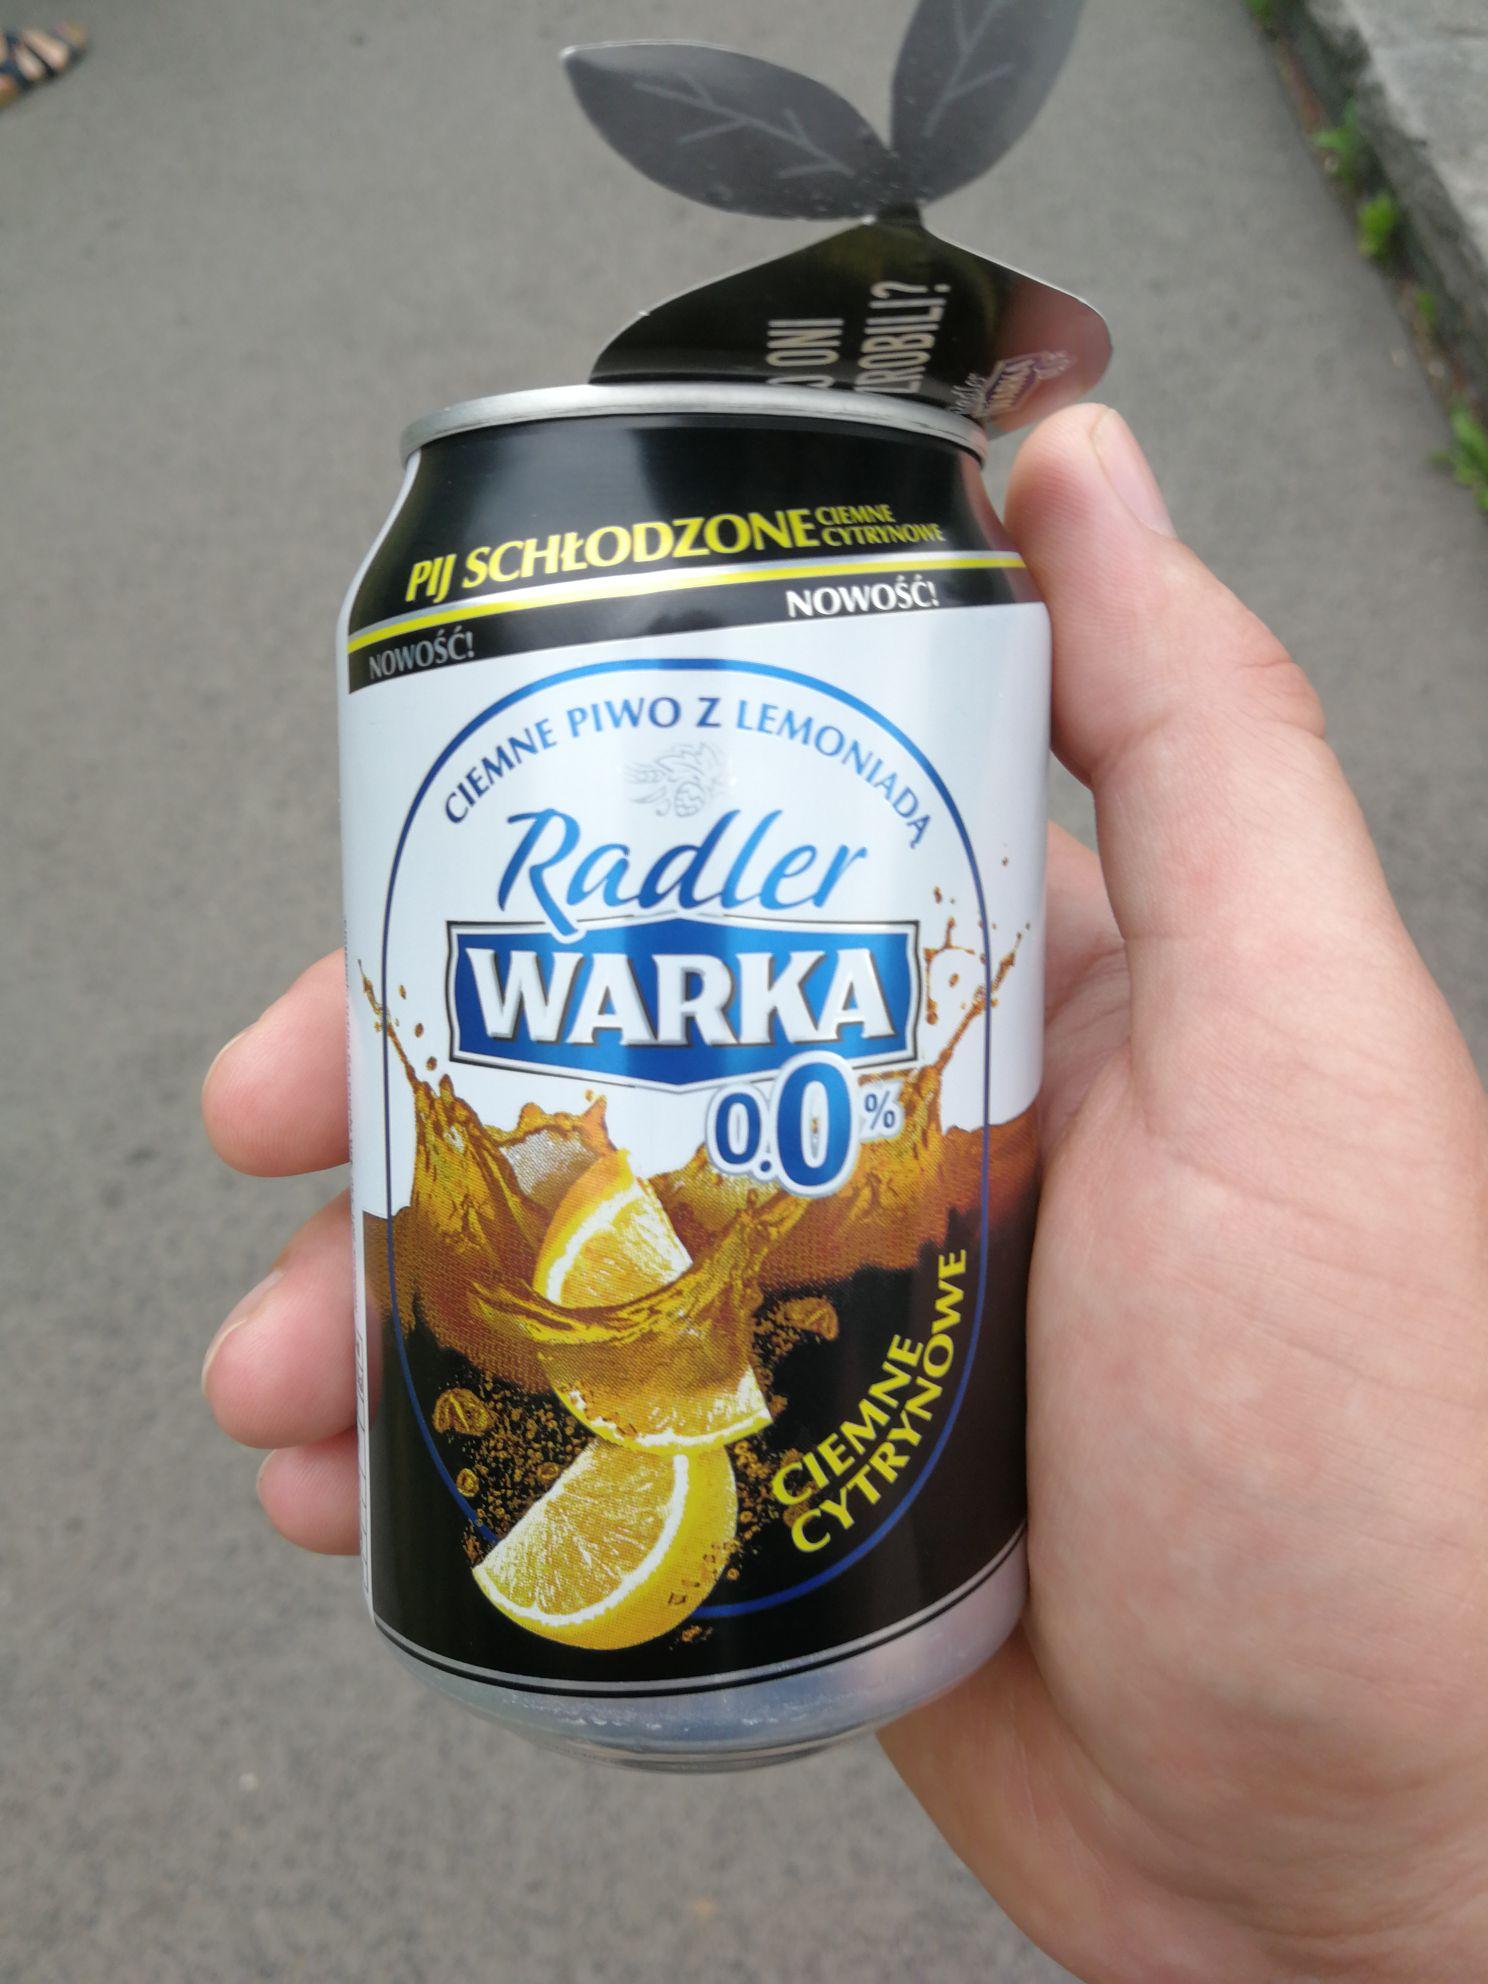 Darmowa Warka Radler 0.0% 330ml ciemne cytrynowe w Park Śląski Chorzów